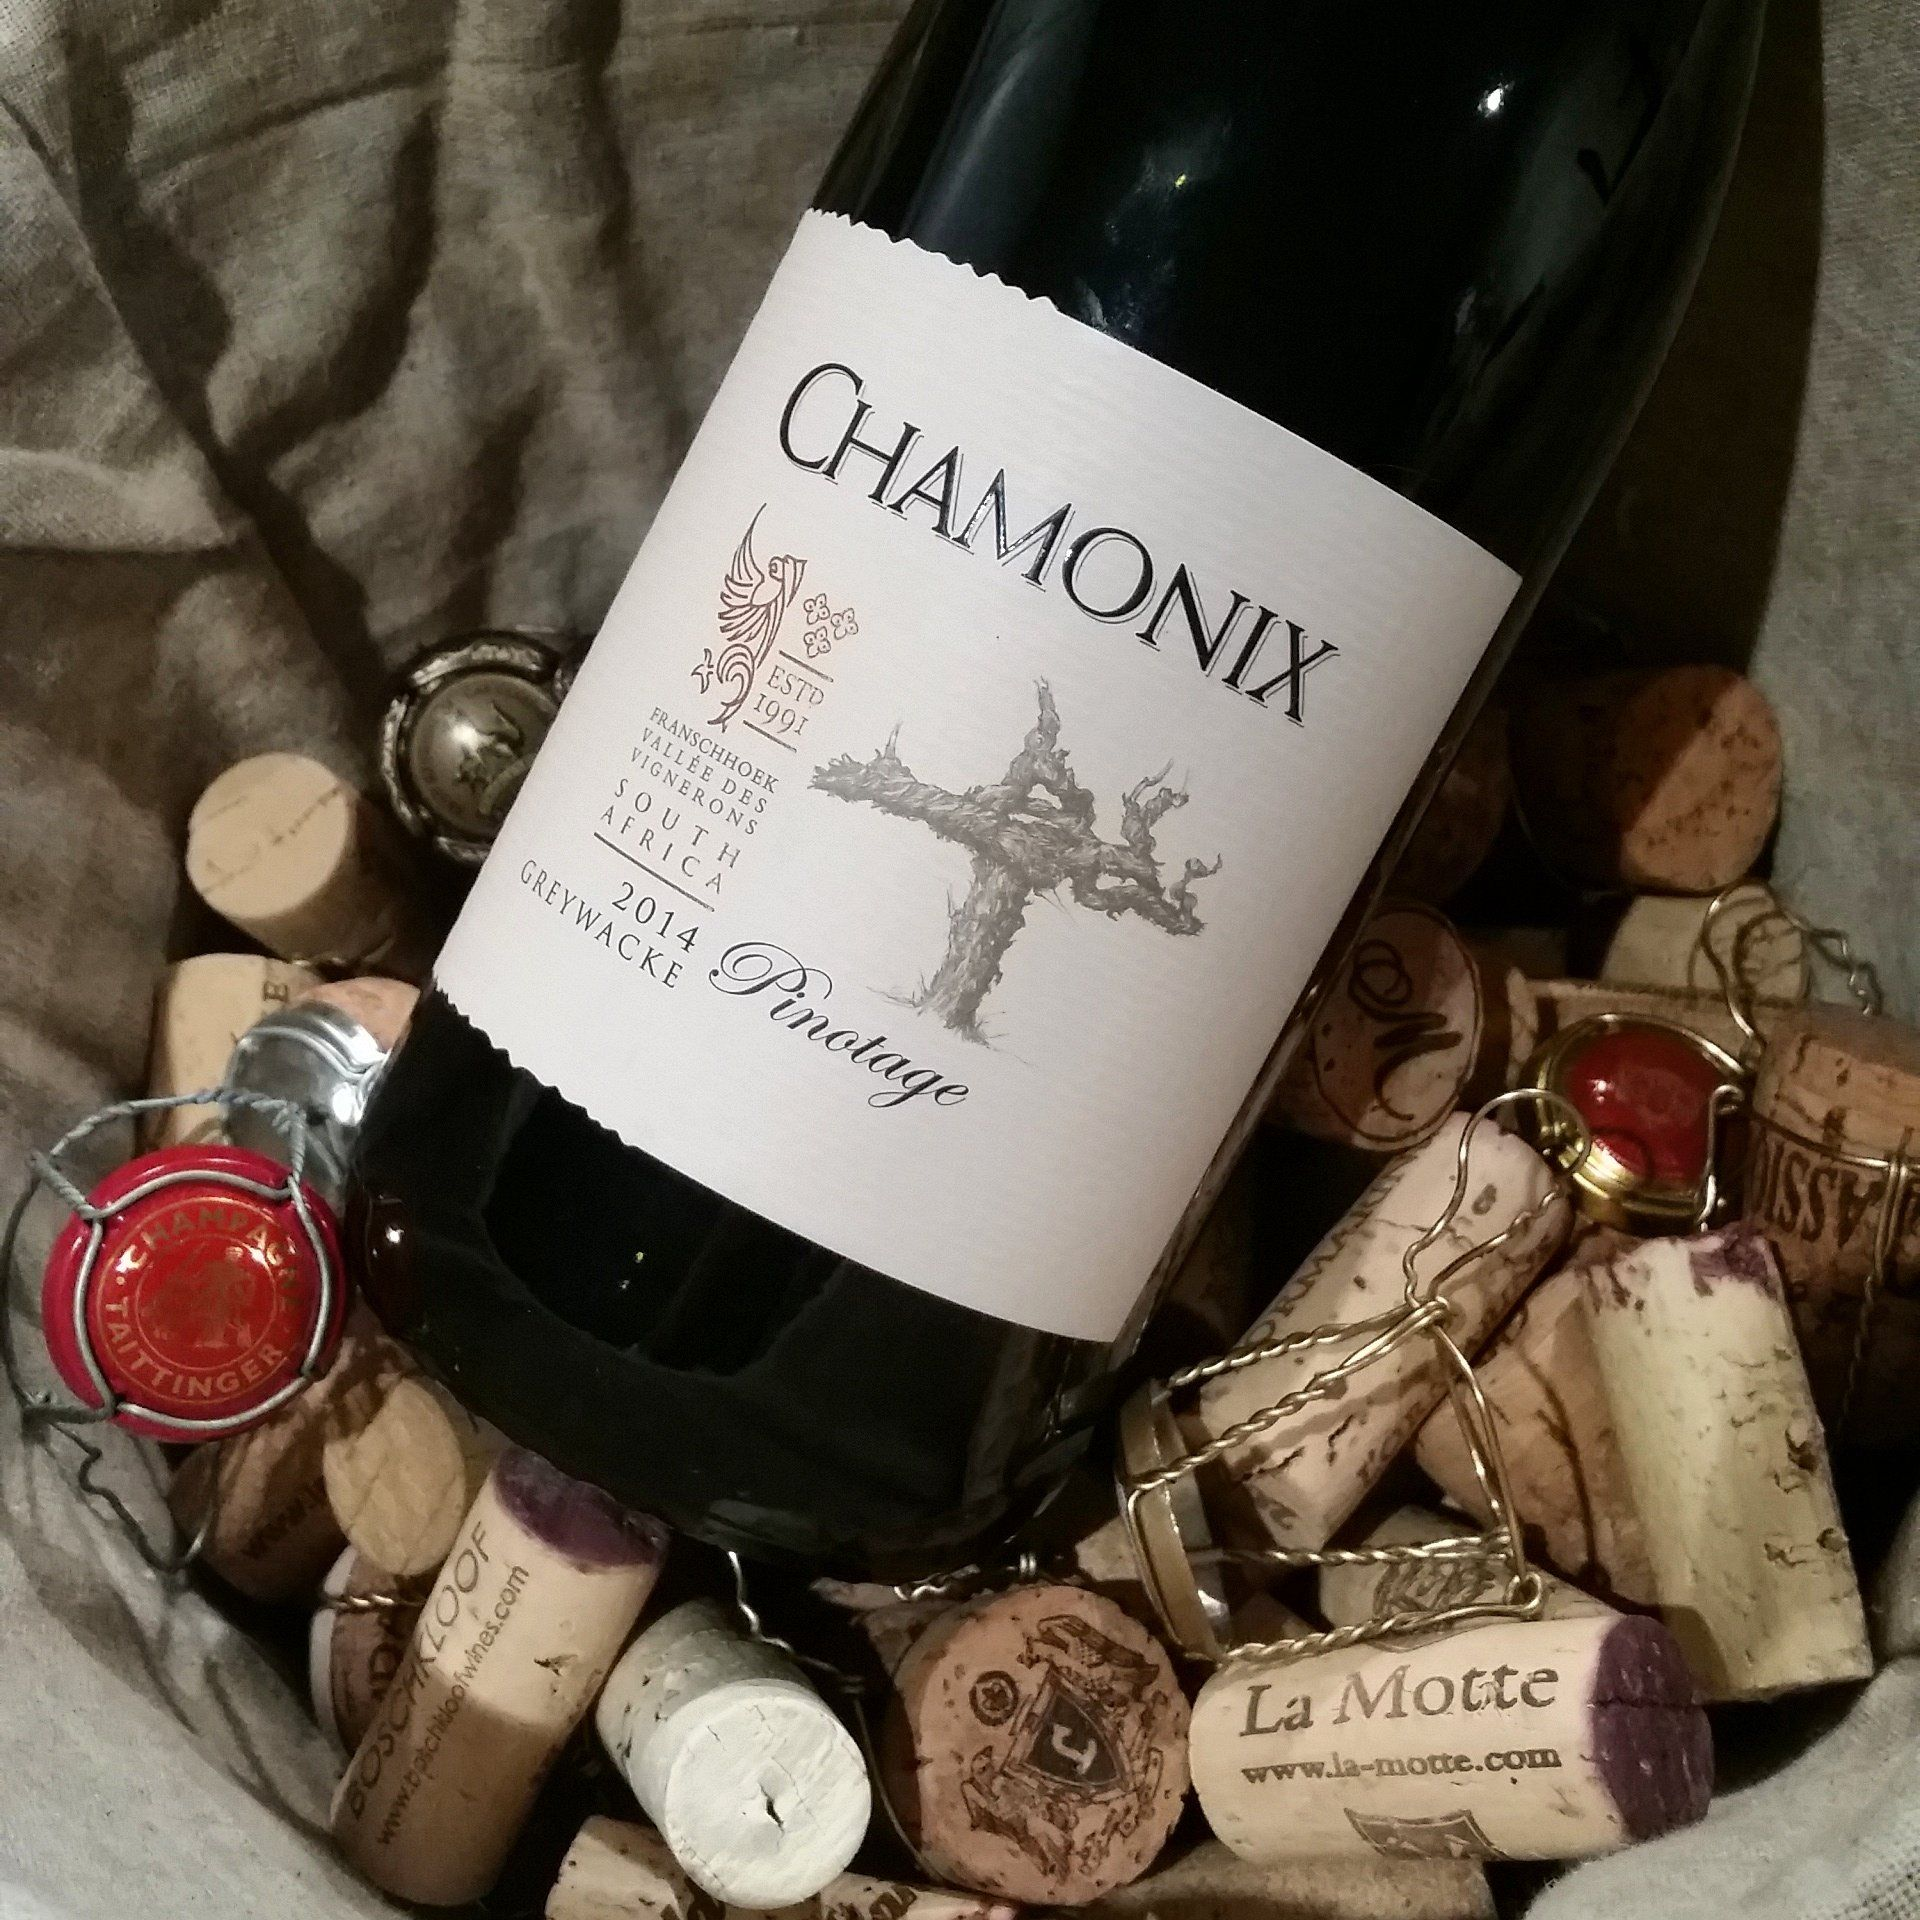 Chamonix Wine Wine Bottle Wine Packaging Wine